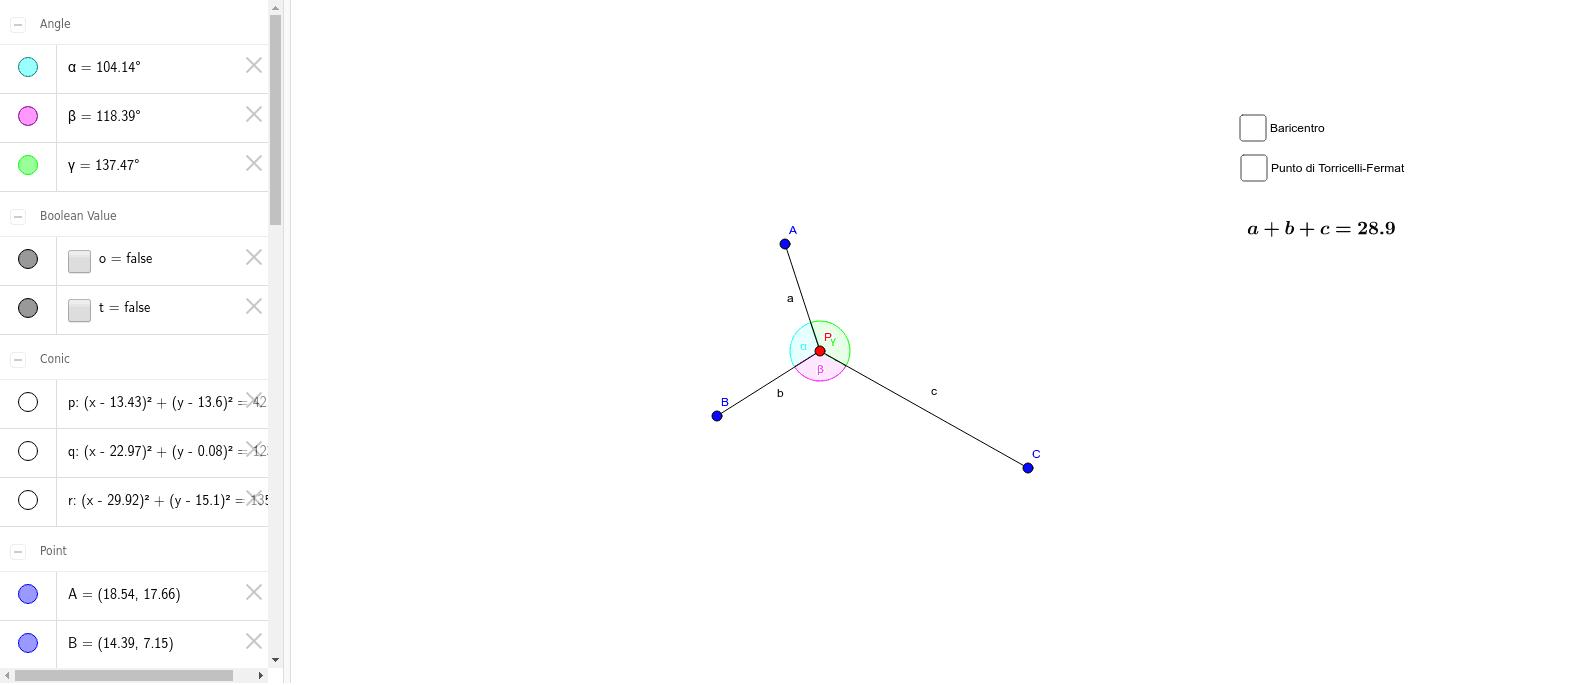 Prova a spostare il punto P e cerca la configurazione che rende minima la somma delle distanze da A, B, C. Coincide col baricentro? Cosa puoi osservare sugli angoli alfa, beta e gamma? Press Enter to start activity